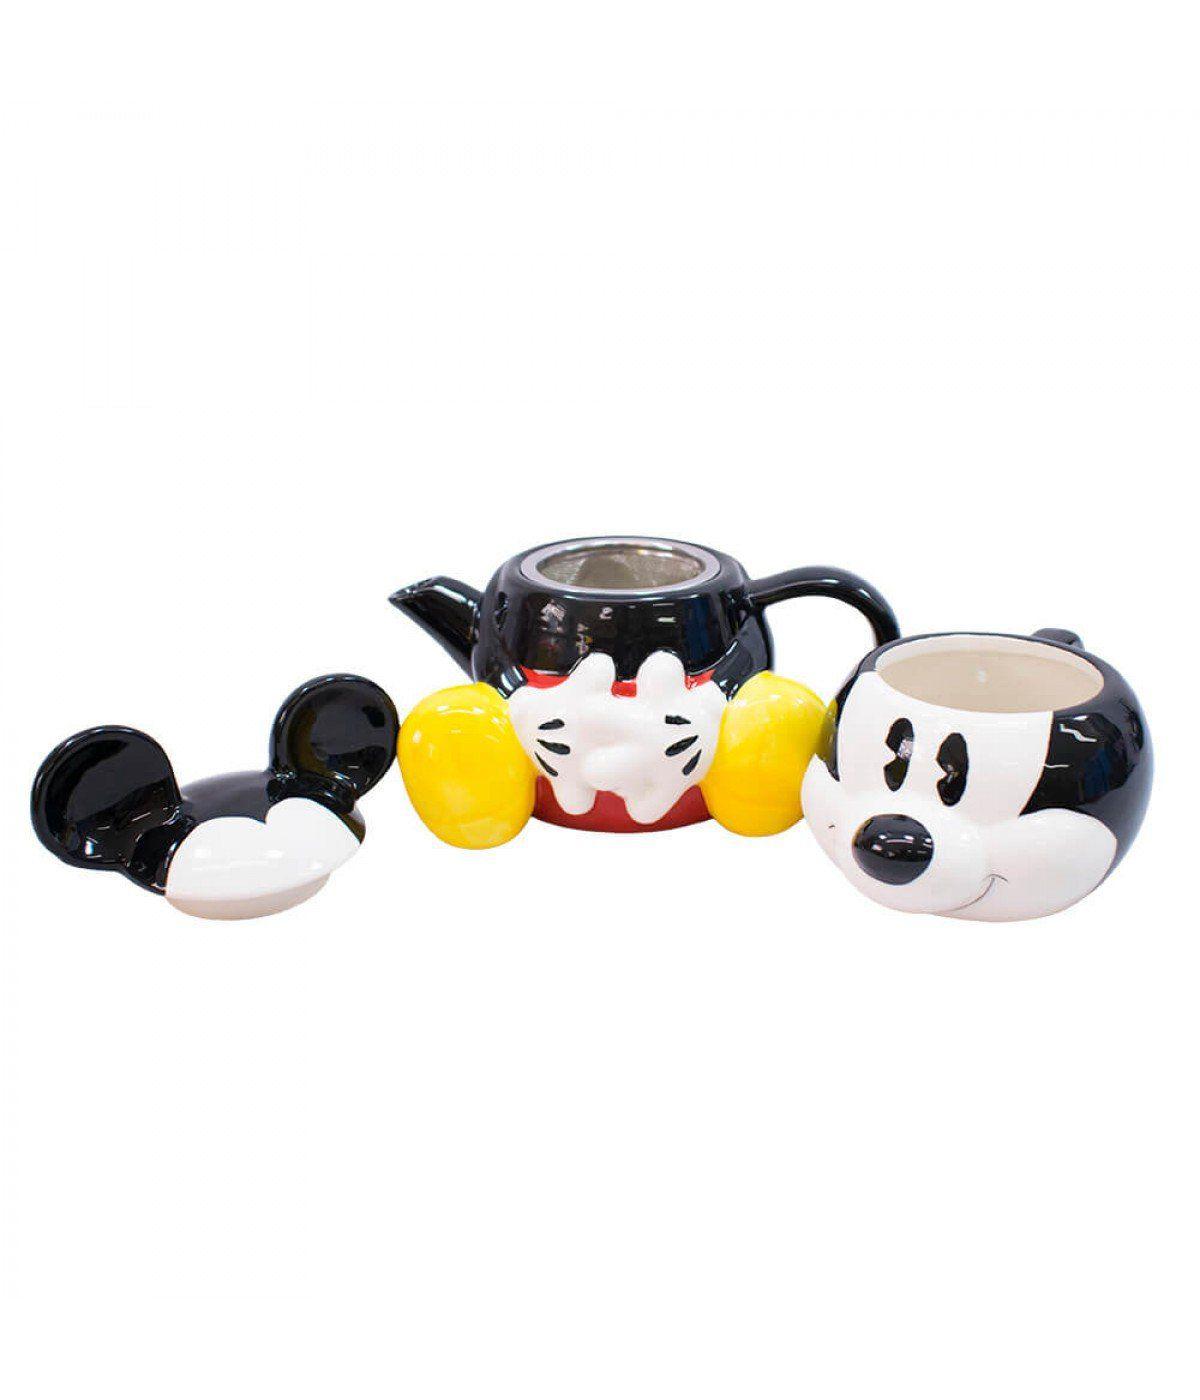 Jogo de Bule (720ml) e Caneca (210ml) Mickey Mouse: Disney